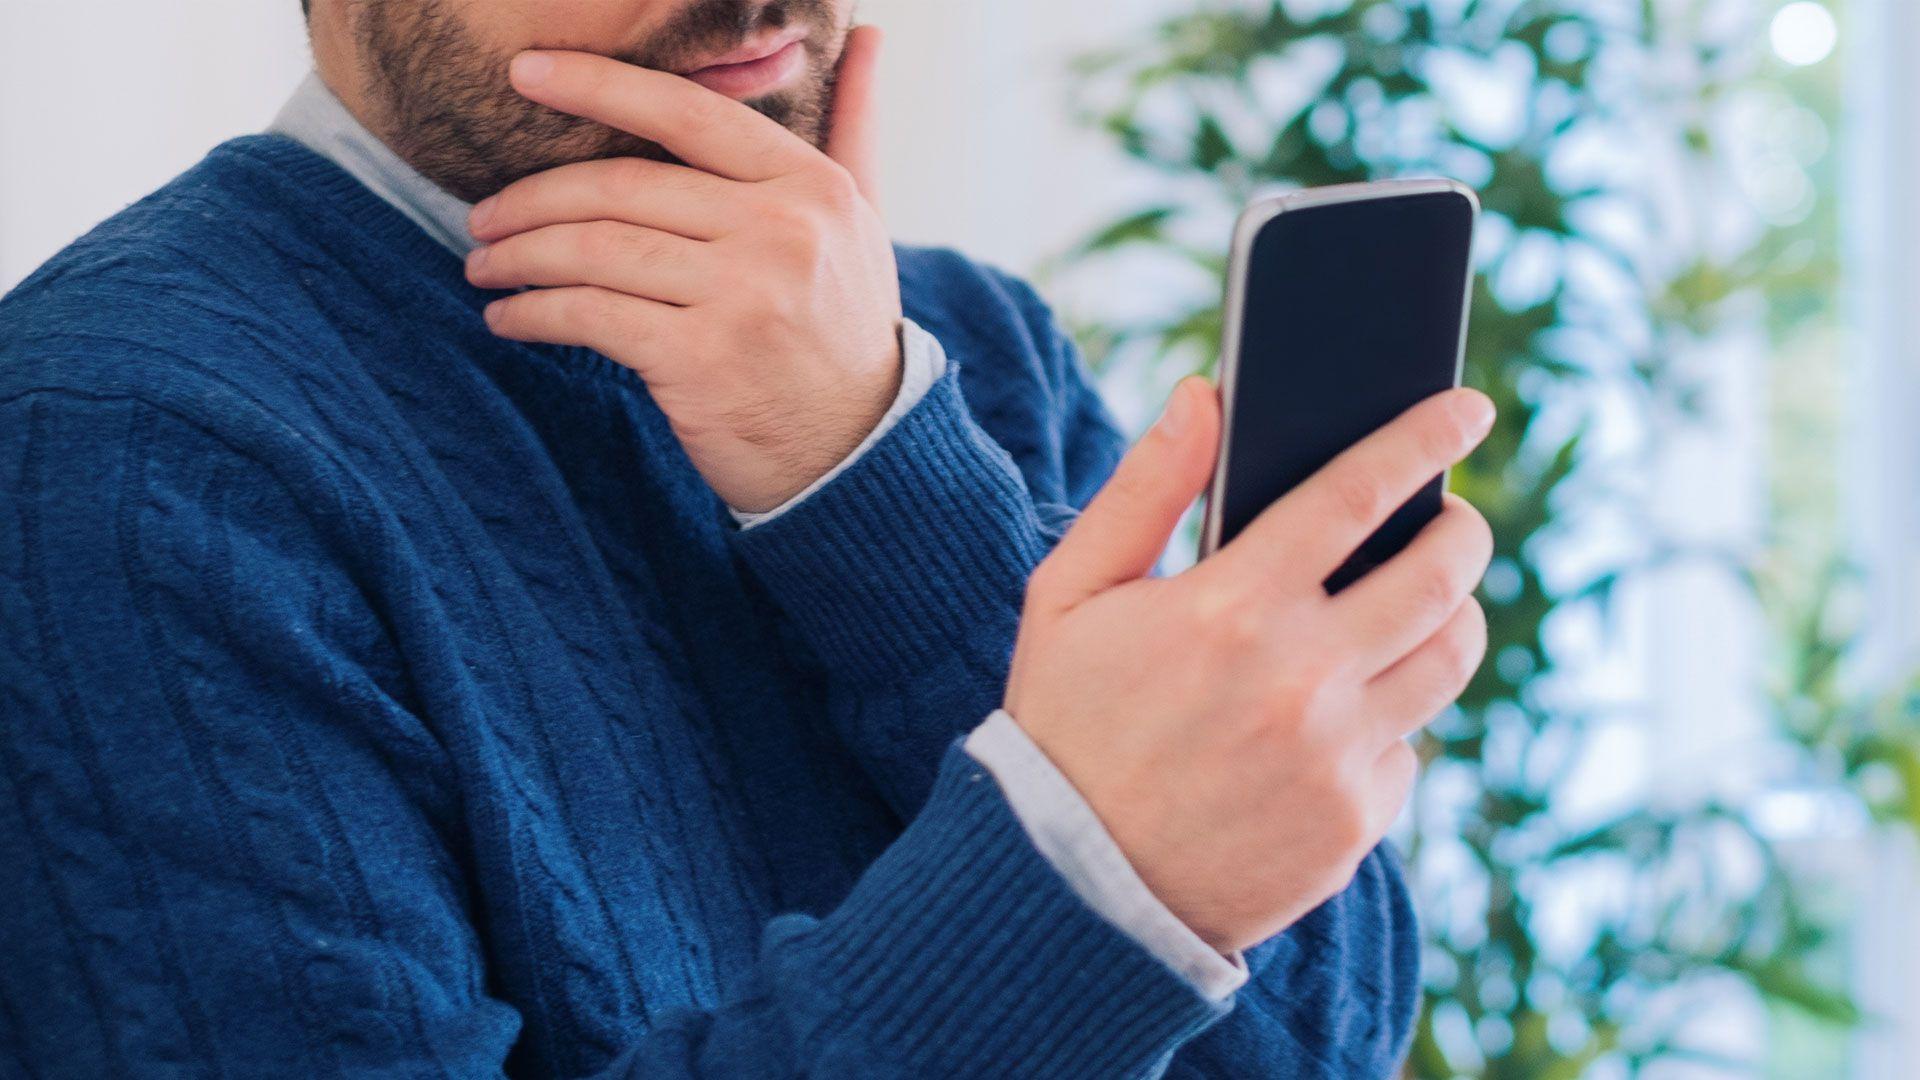 condenan a un hombre por maltrato y violación de privacidad tras revisar el celular de su pareja